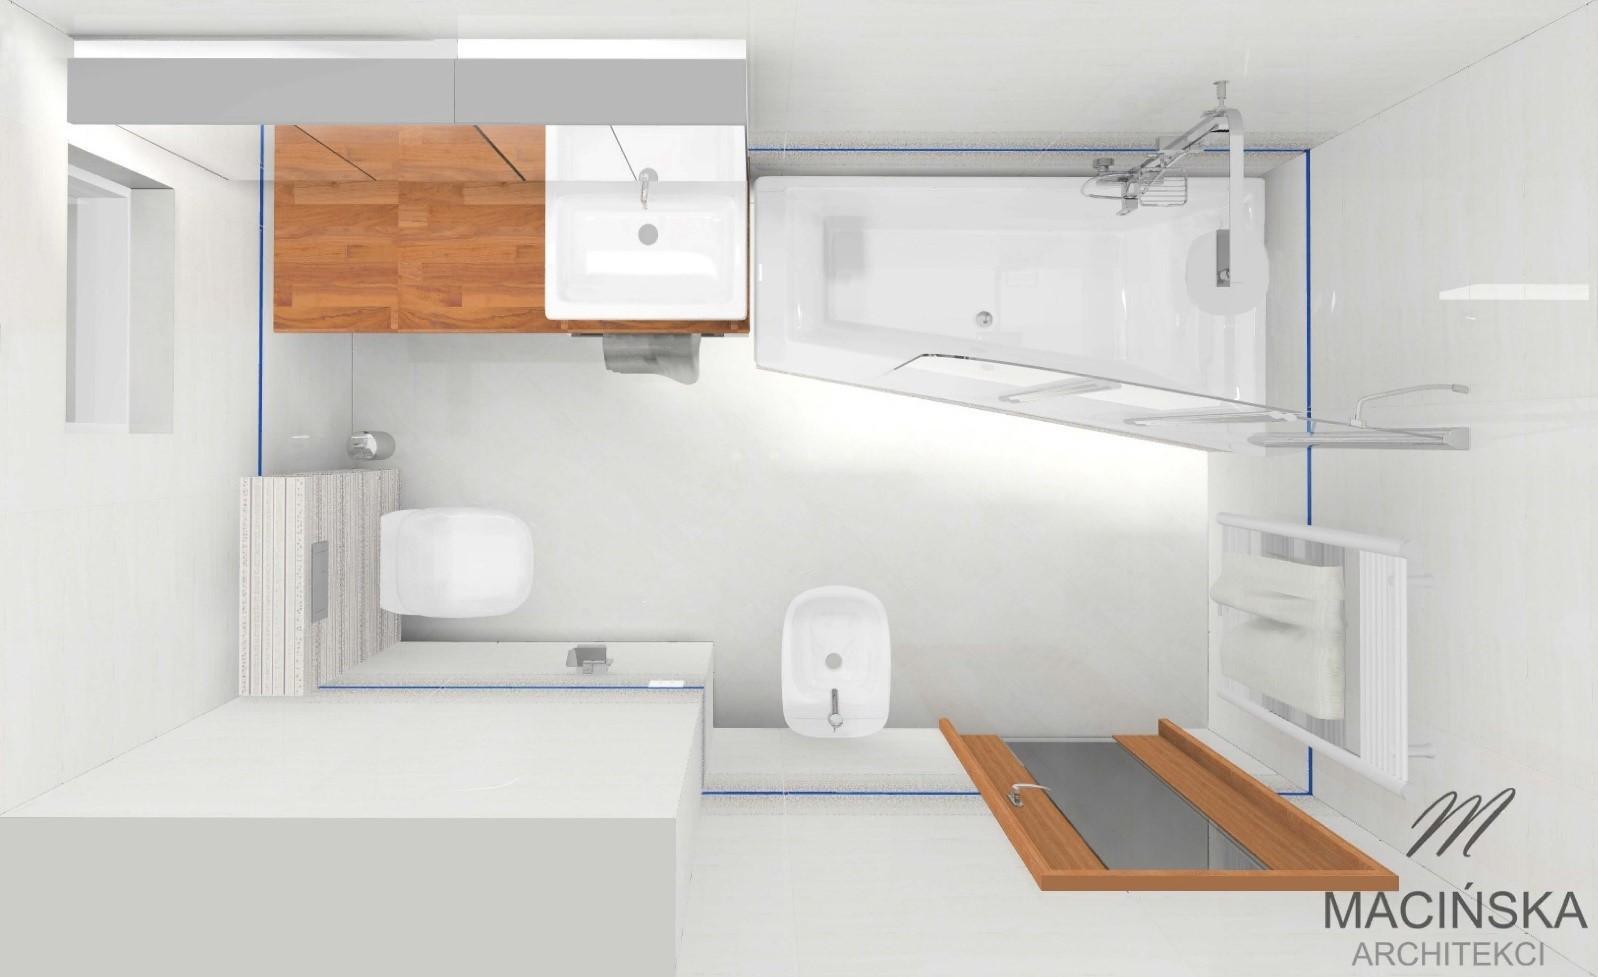 Aranżacja Małej łazienki Wanna Czy Prysznic 3 Macińska Architekci